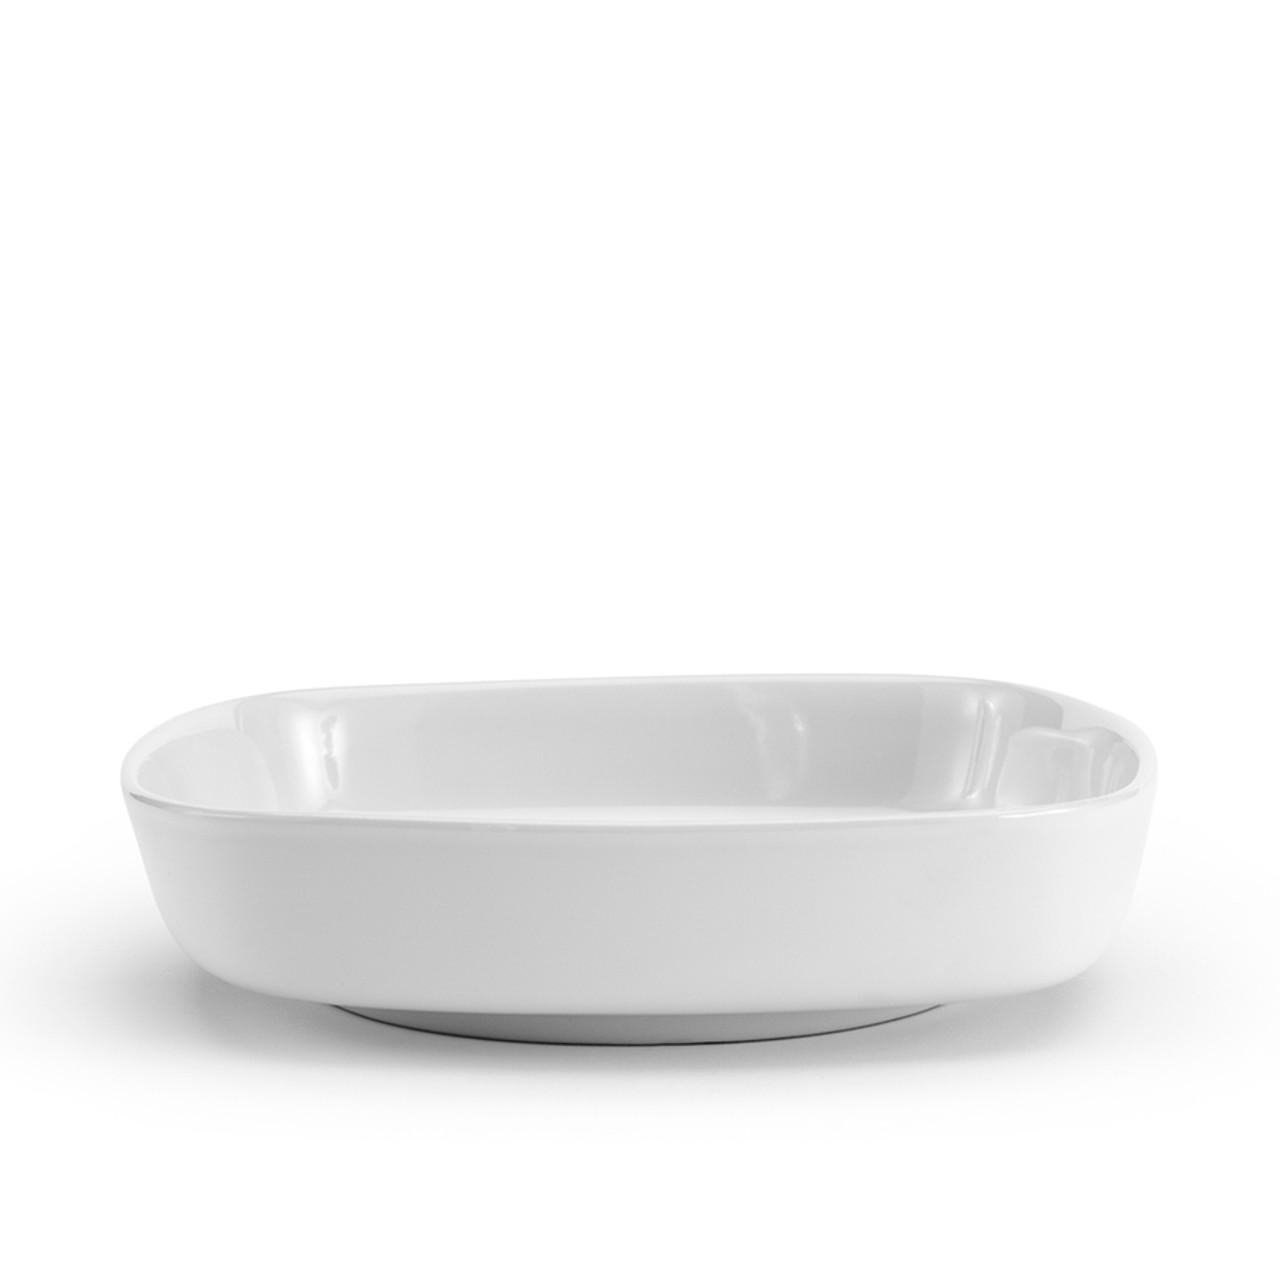 Karo - White Pasta Bowl 4 piece set